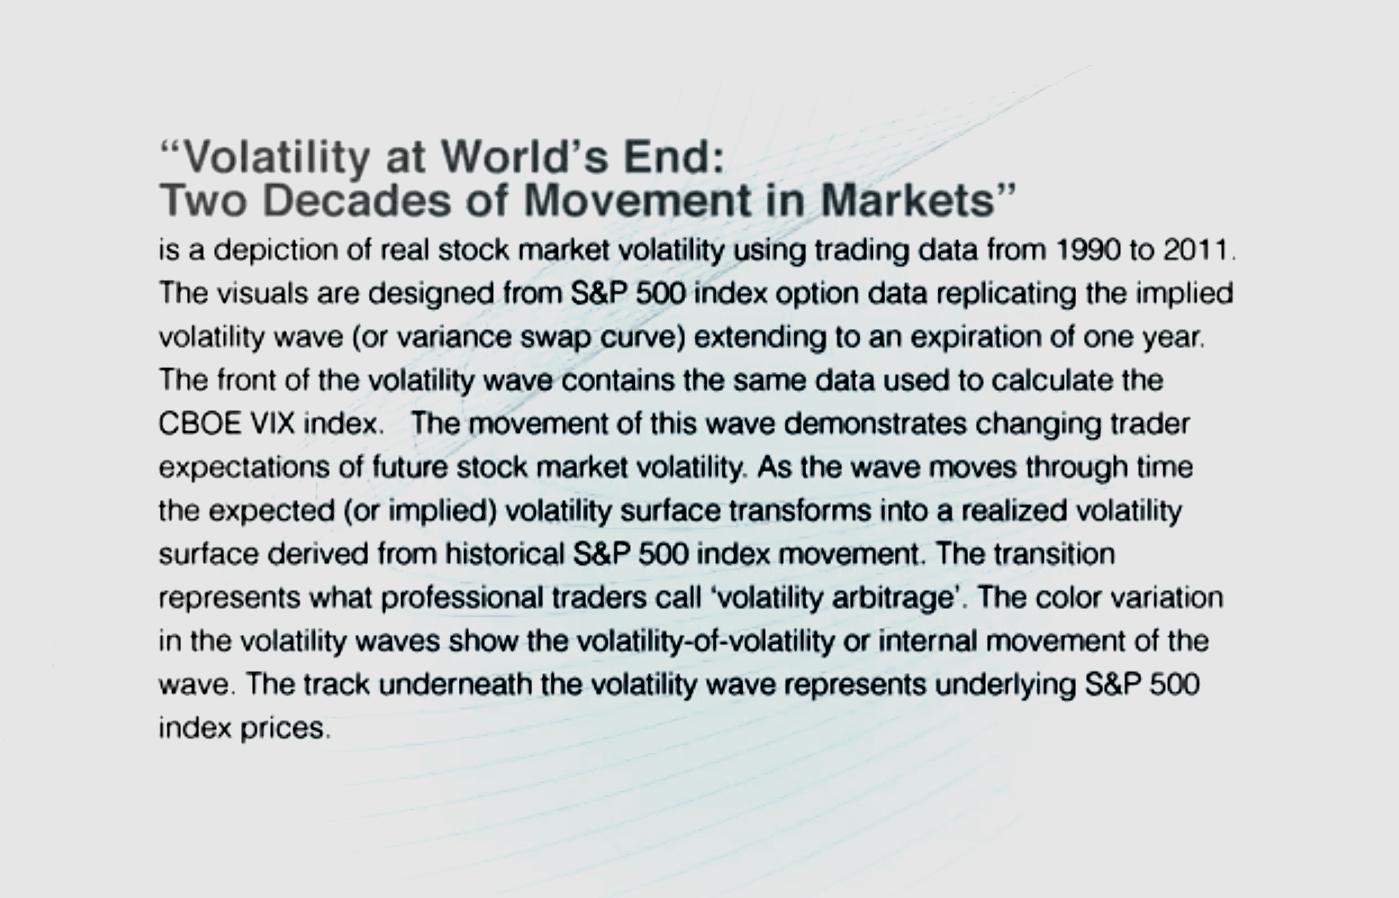 Волатильность мировых рынков с 1990-2011